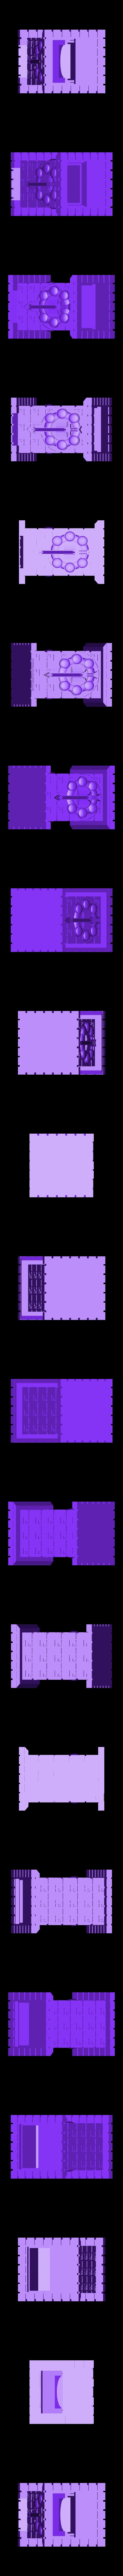 Castle_Dice_Tower_Closed.stl Télécharger fichier STL gratuit Castle Dice Tower Combo • Modèle imprimable en 3D, mrhers2